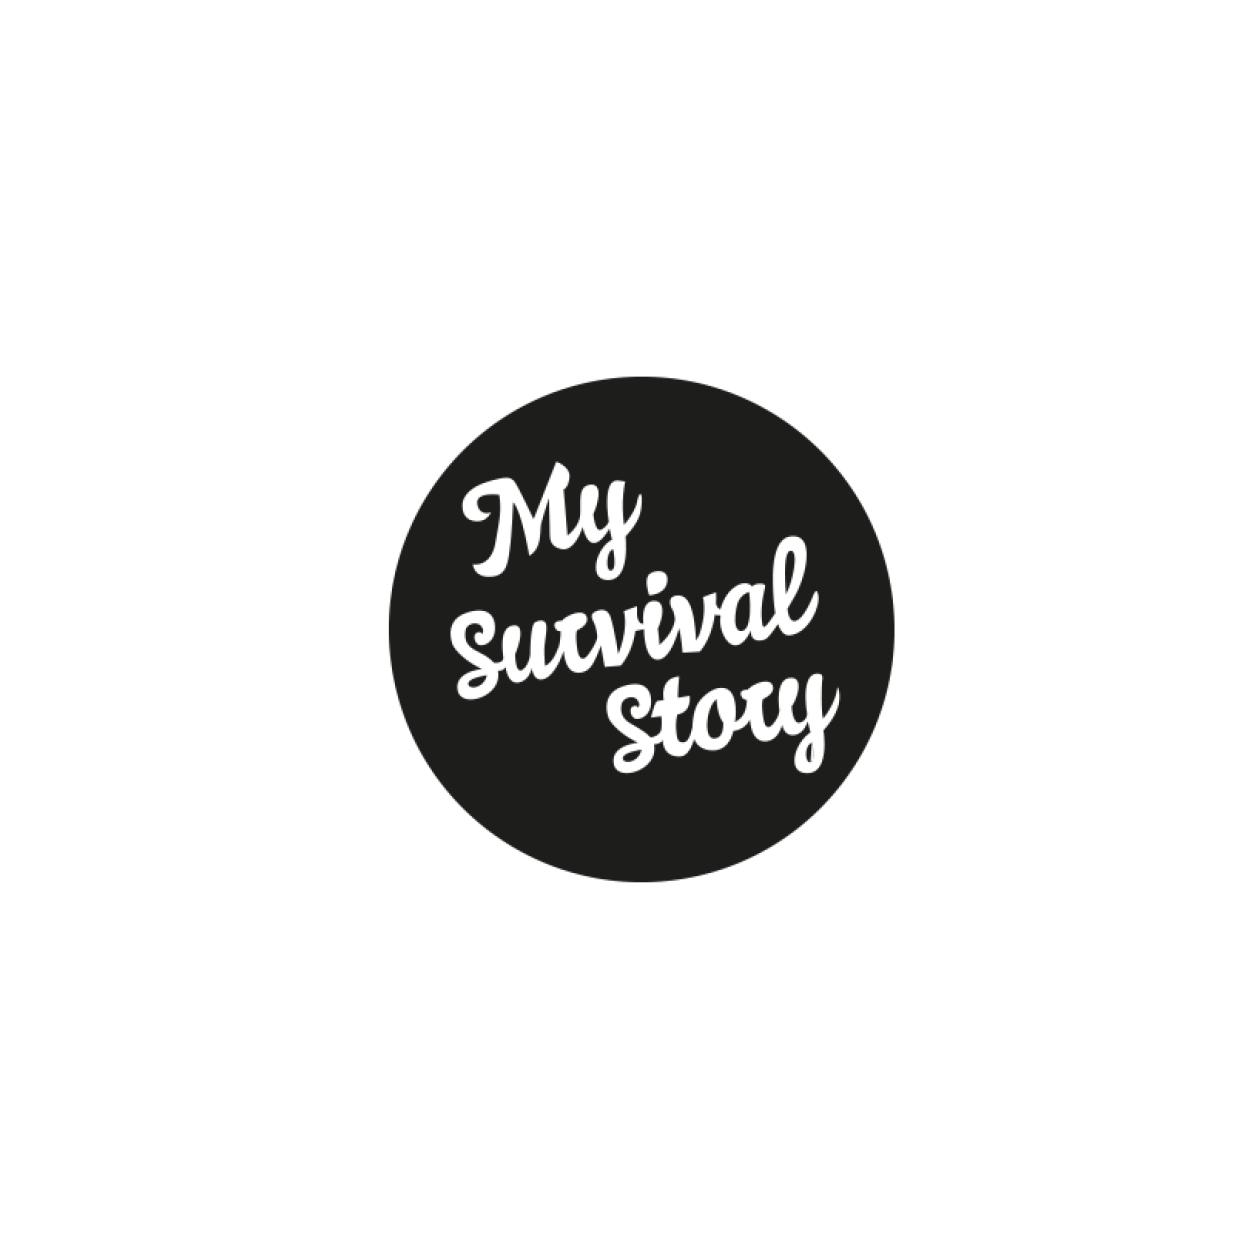 thumb_MySurvivalStory.jpg